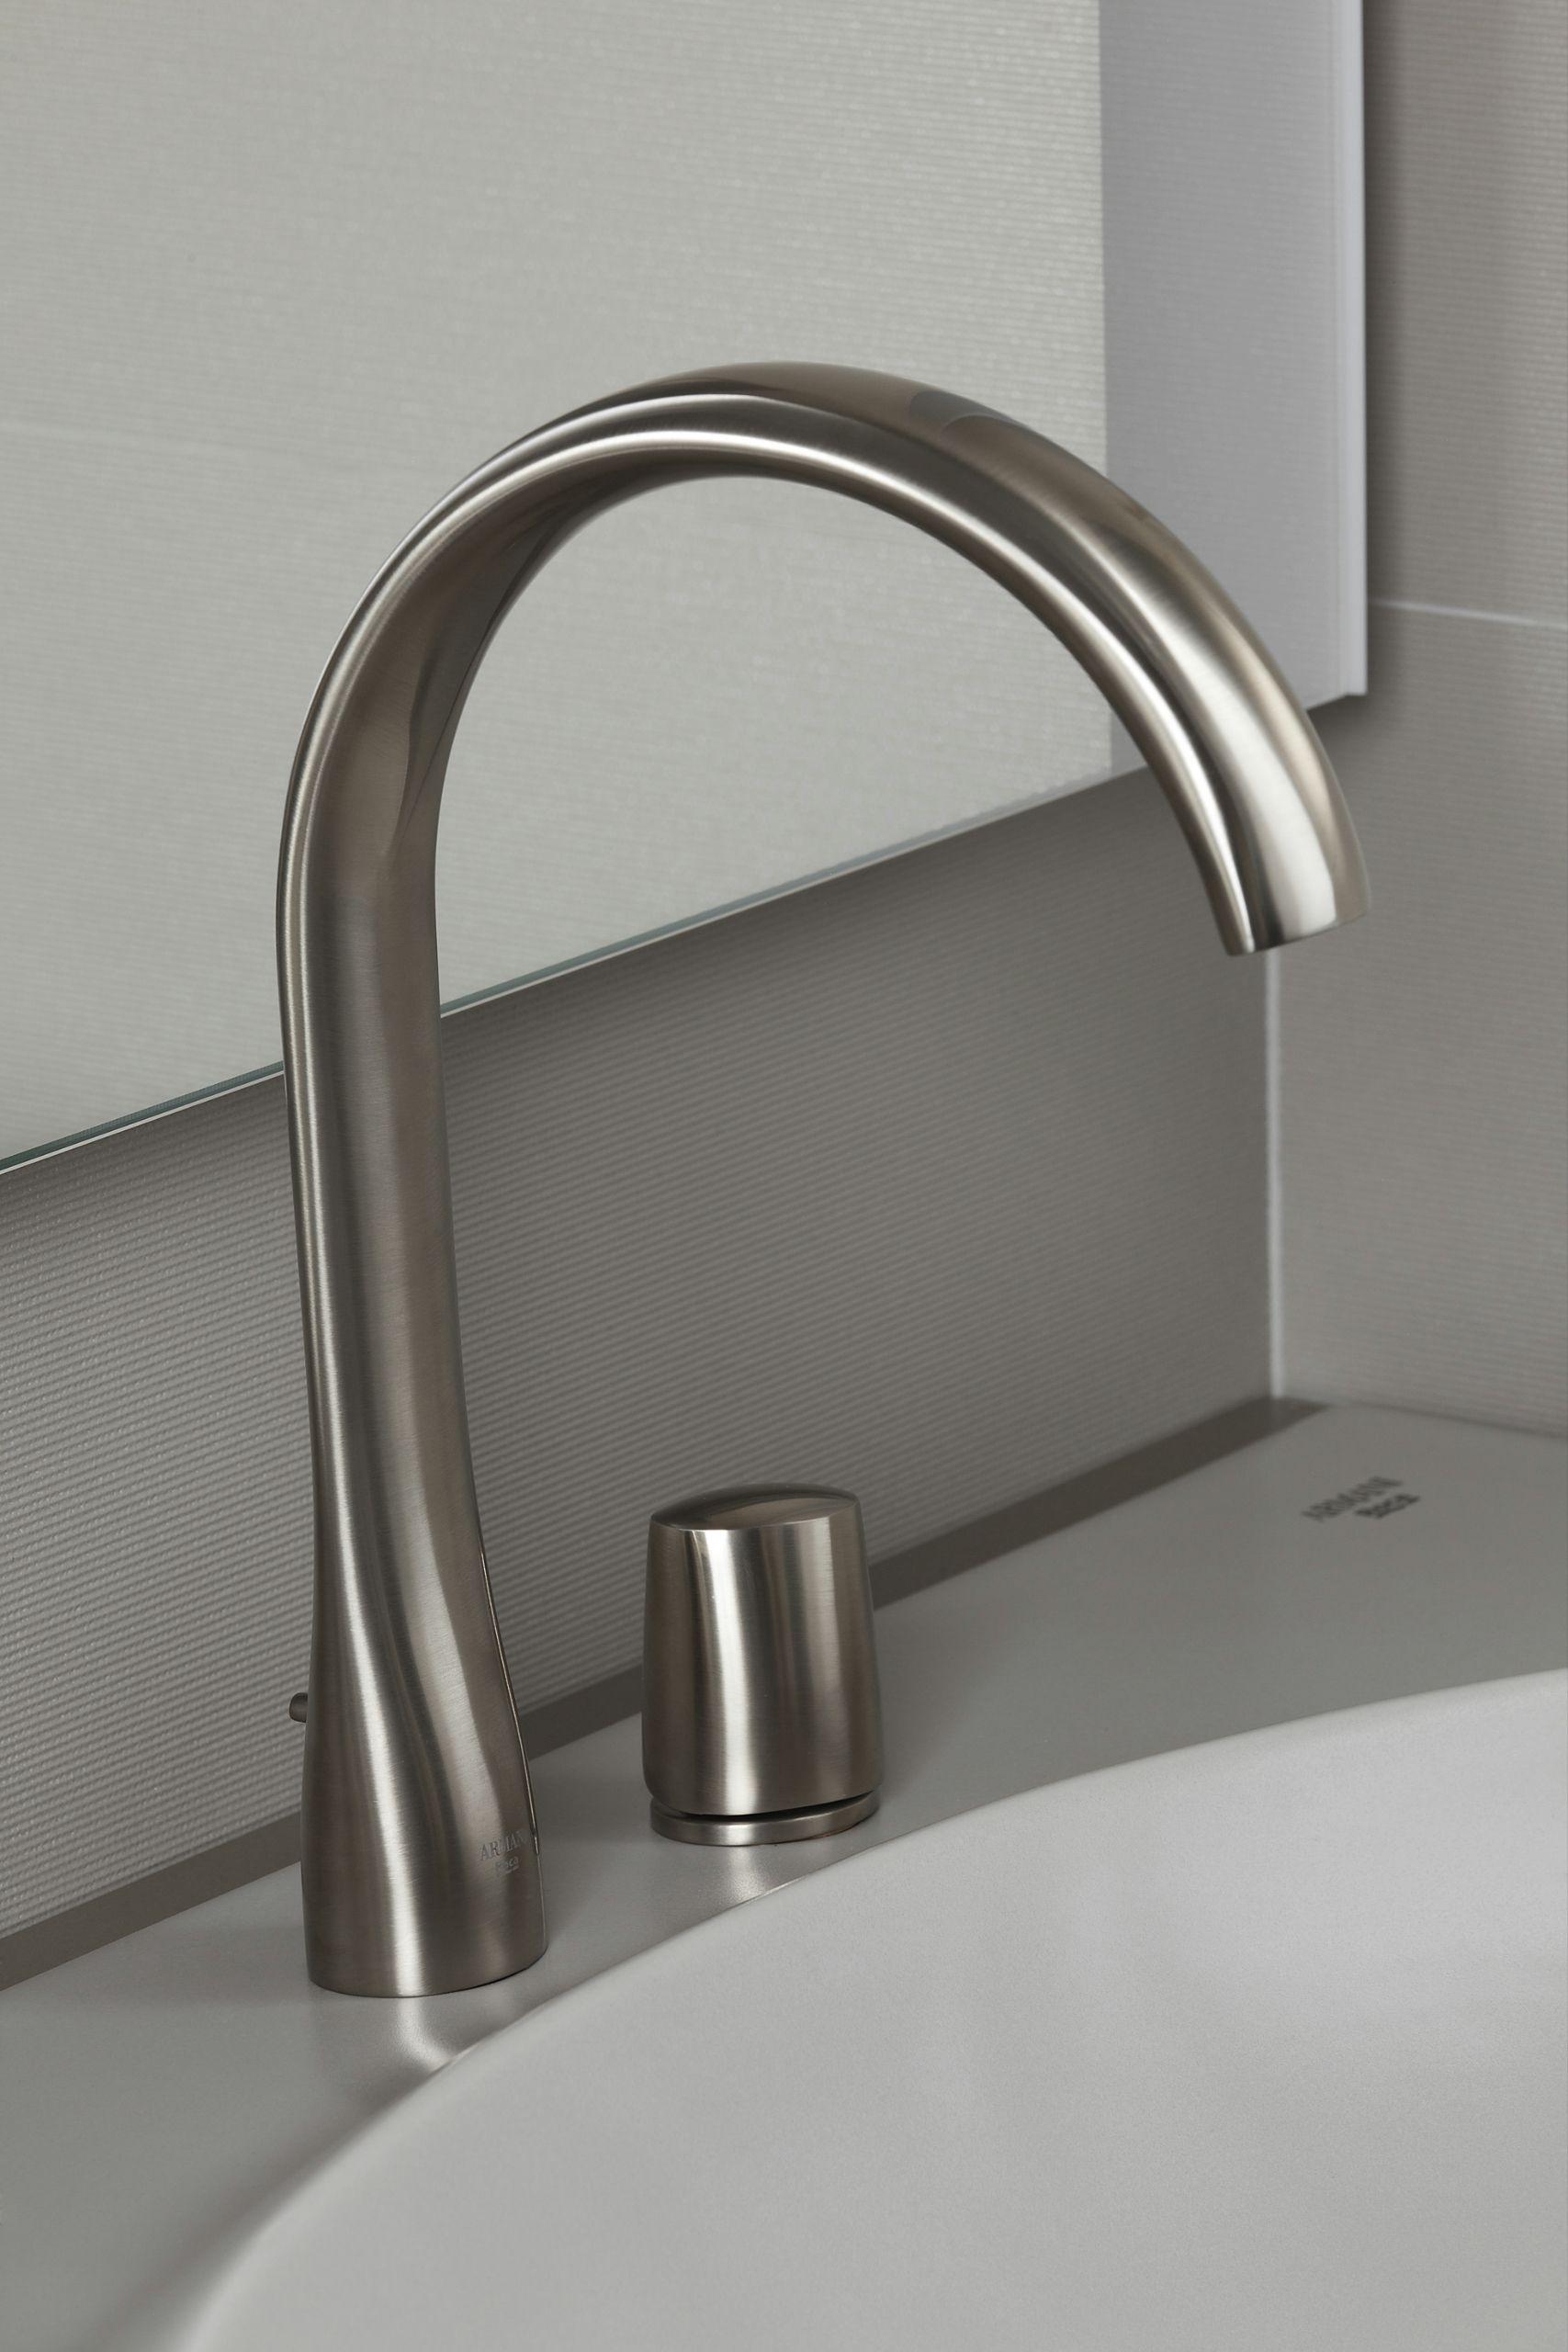 Waschtisch Mischbatterie By Armani Roca Bathroom Interior Diy Bathroom Decor Wash Basin